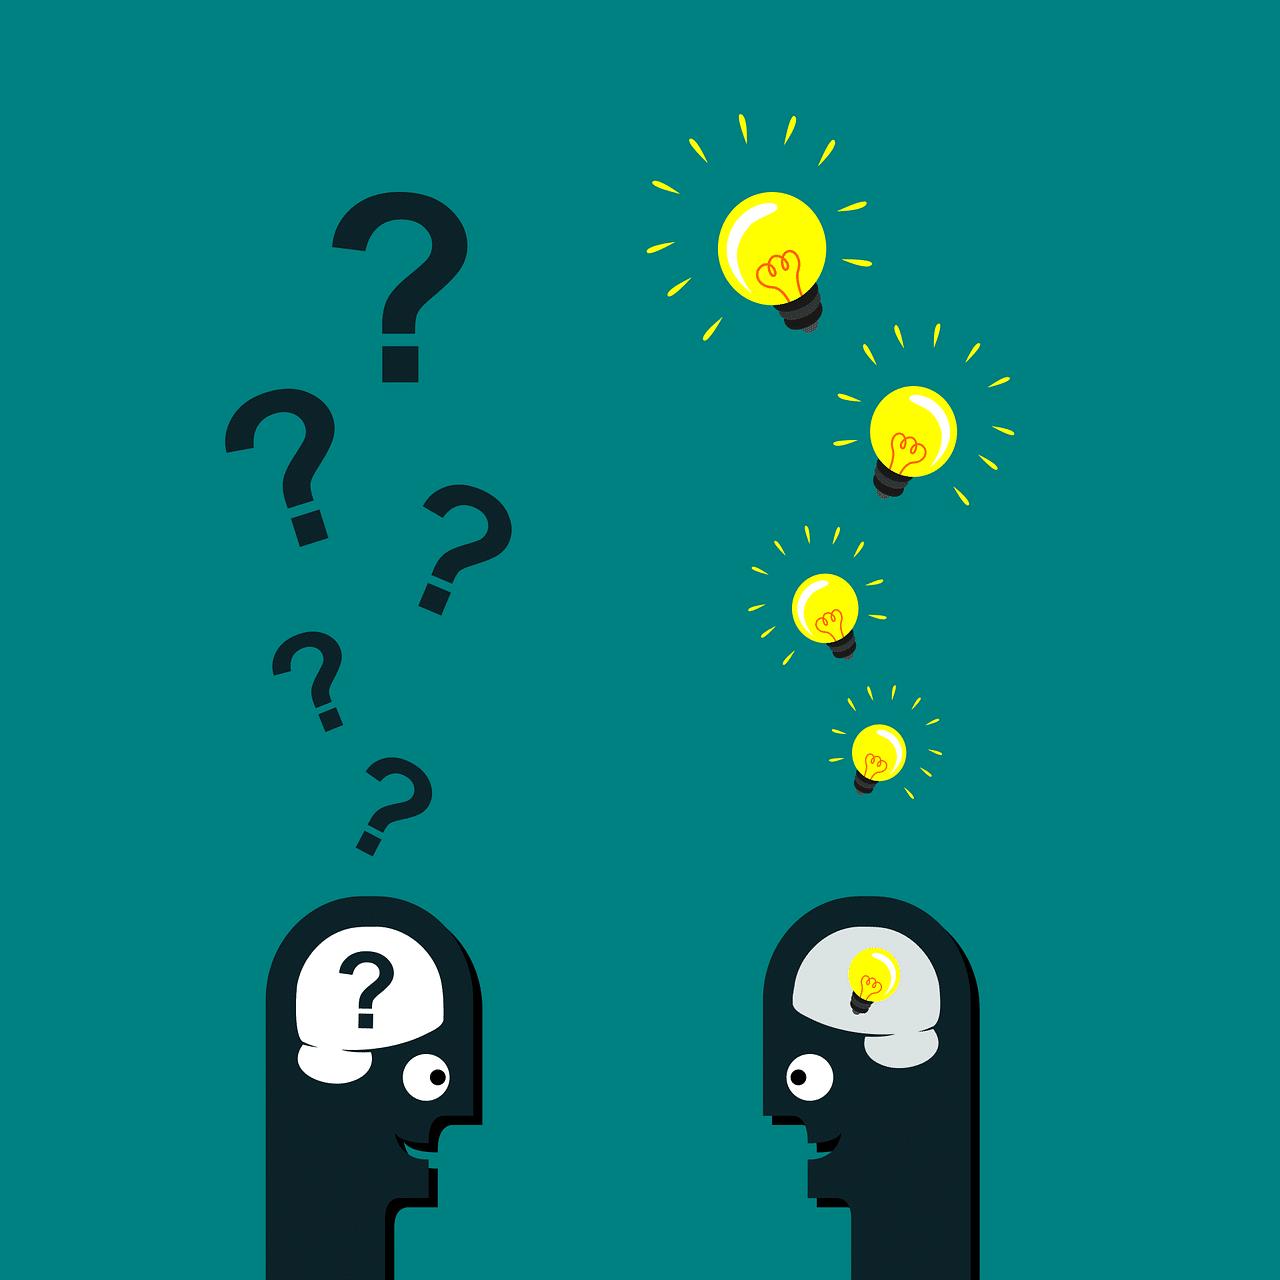 Frage - Kopf